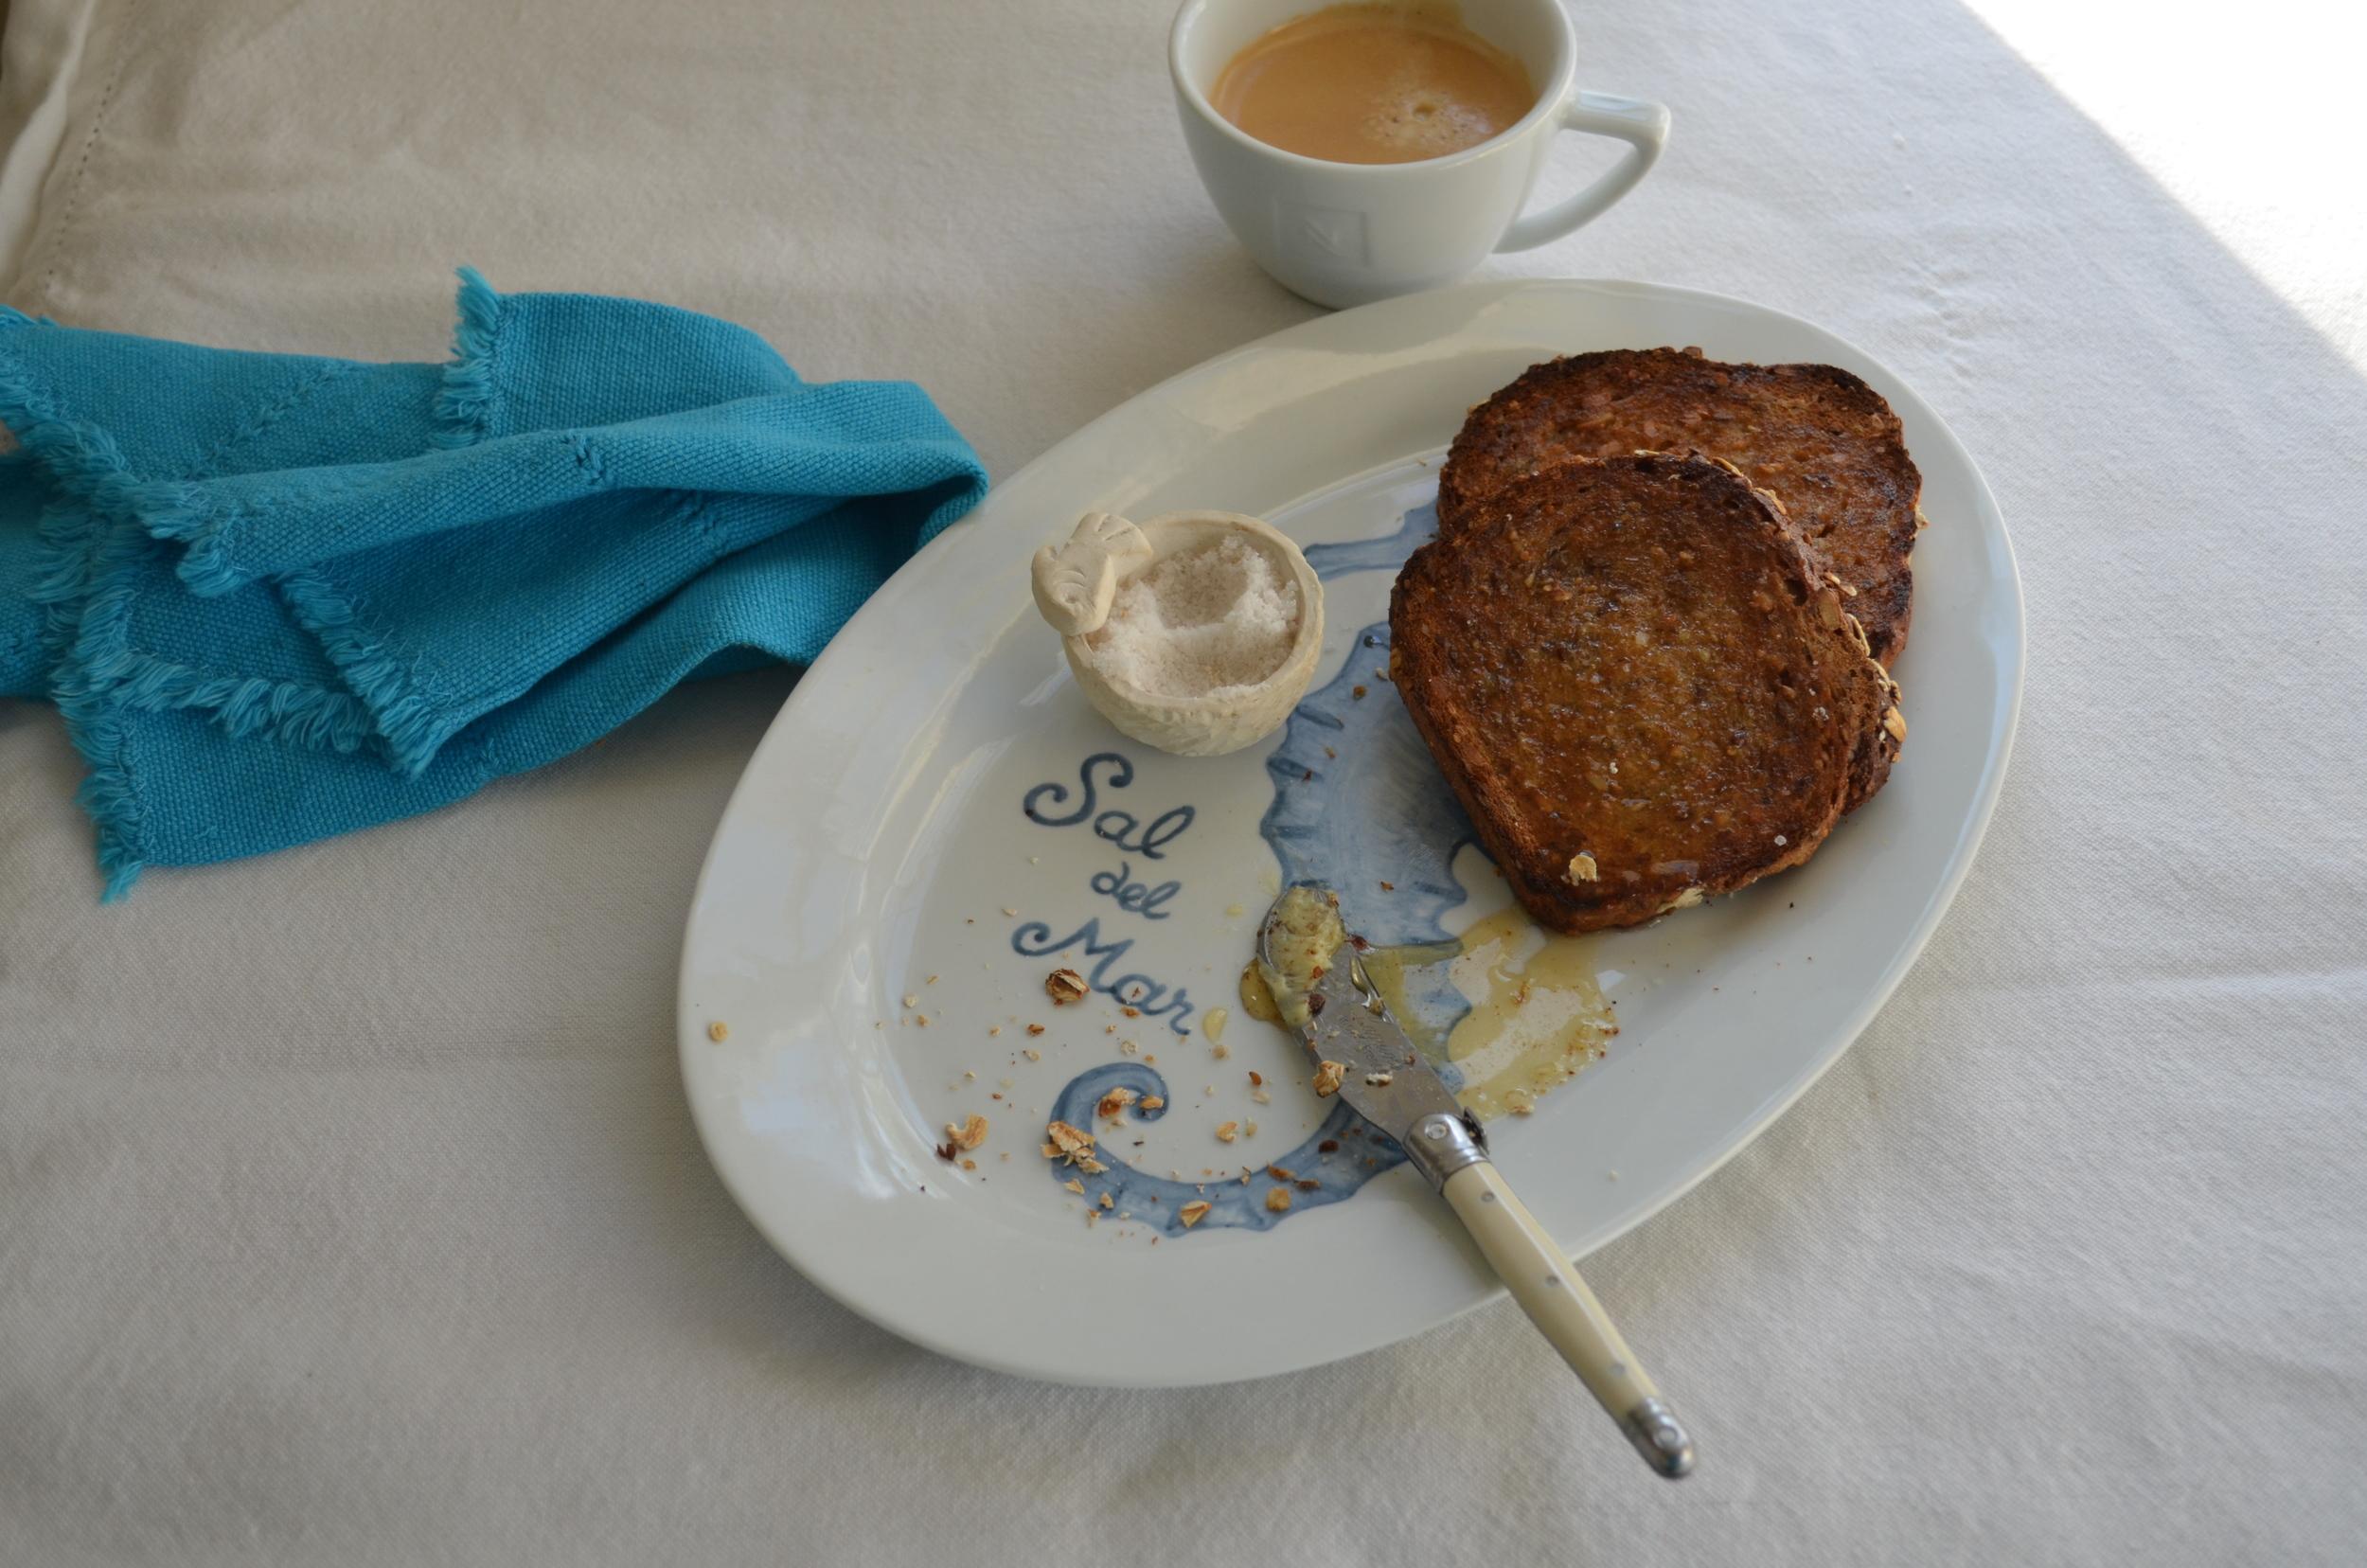 Toast, honey and sea salt